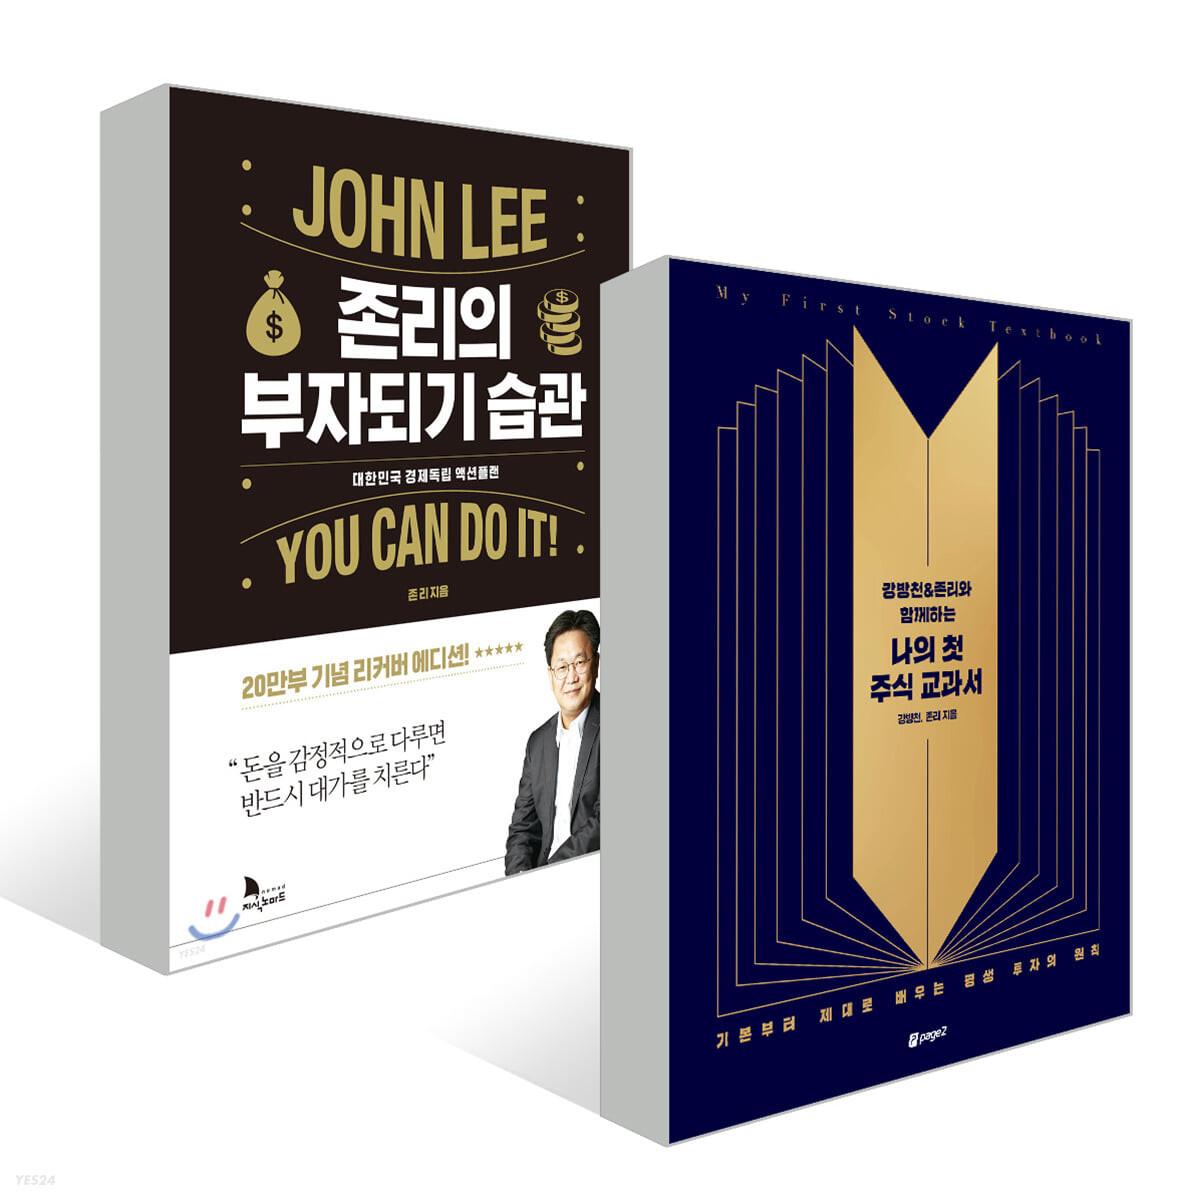 강방천&존리와 함께하는 나의 첫 주식 교과서 + 존리의 부자되기 습관